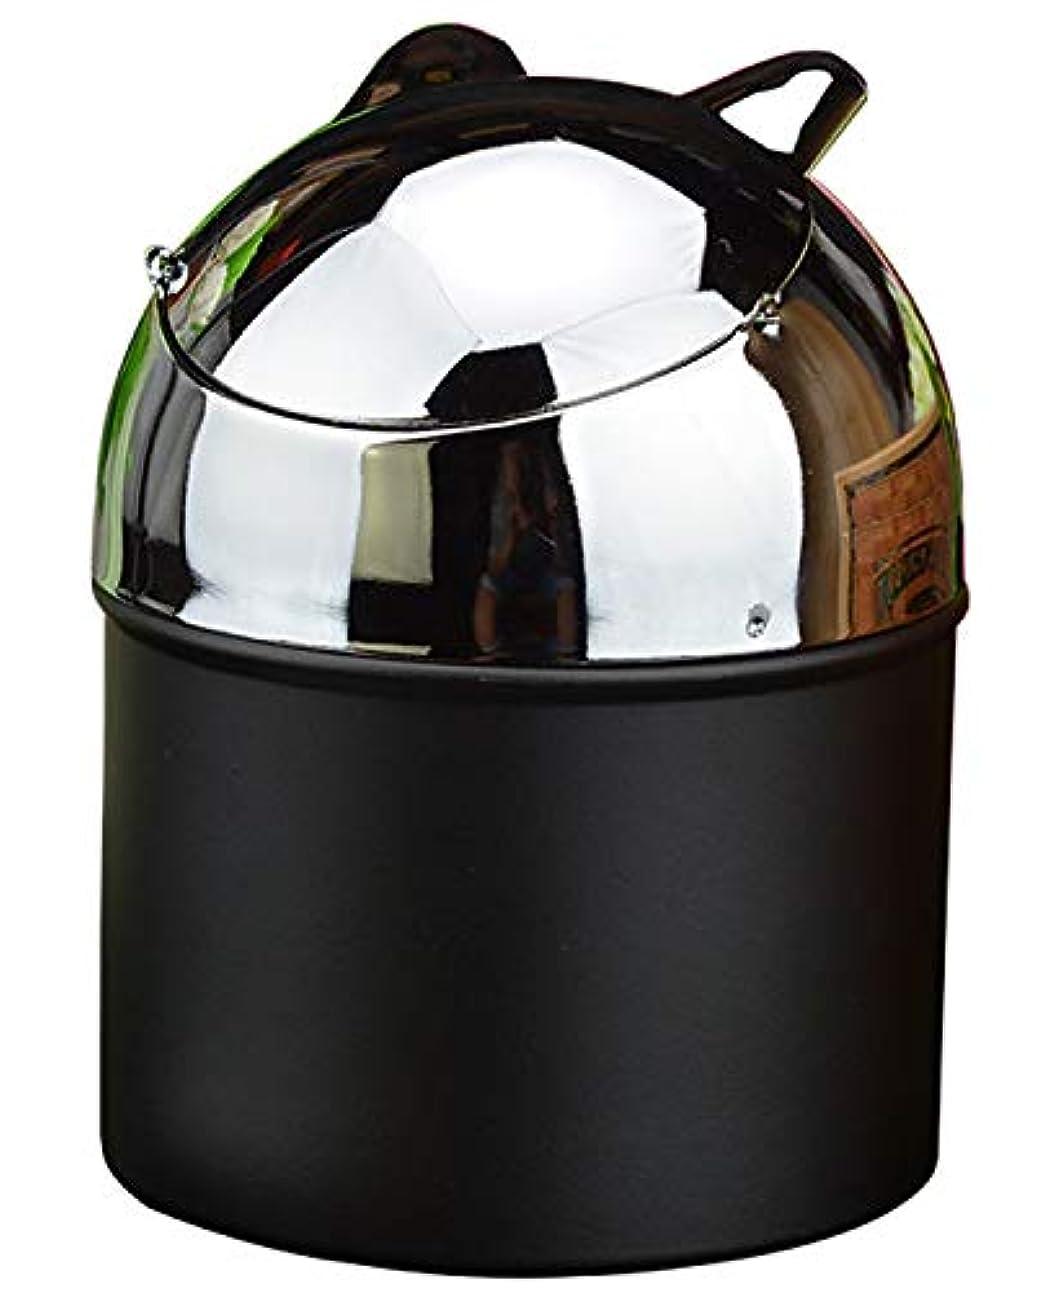 発表する助手キネマティクス蓋付きのタバコの灰皿、屋外屋内ホームオフィスの使用のための金属隠し灰皿(黒)